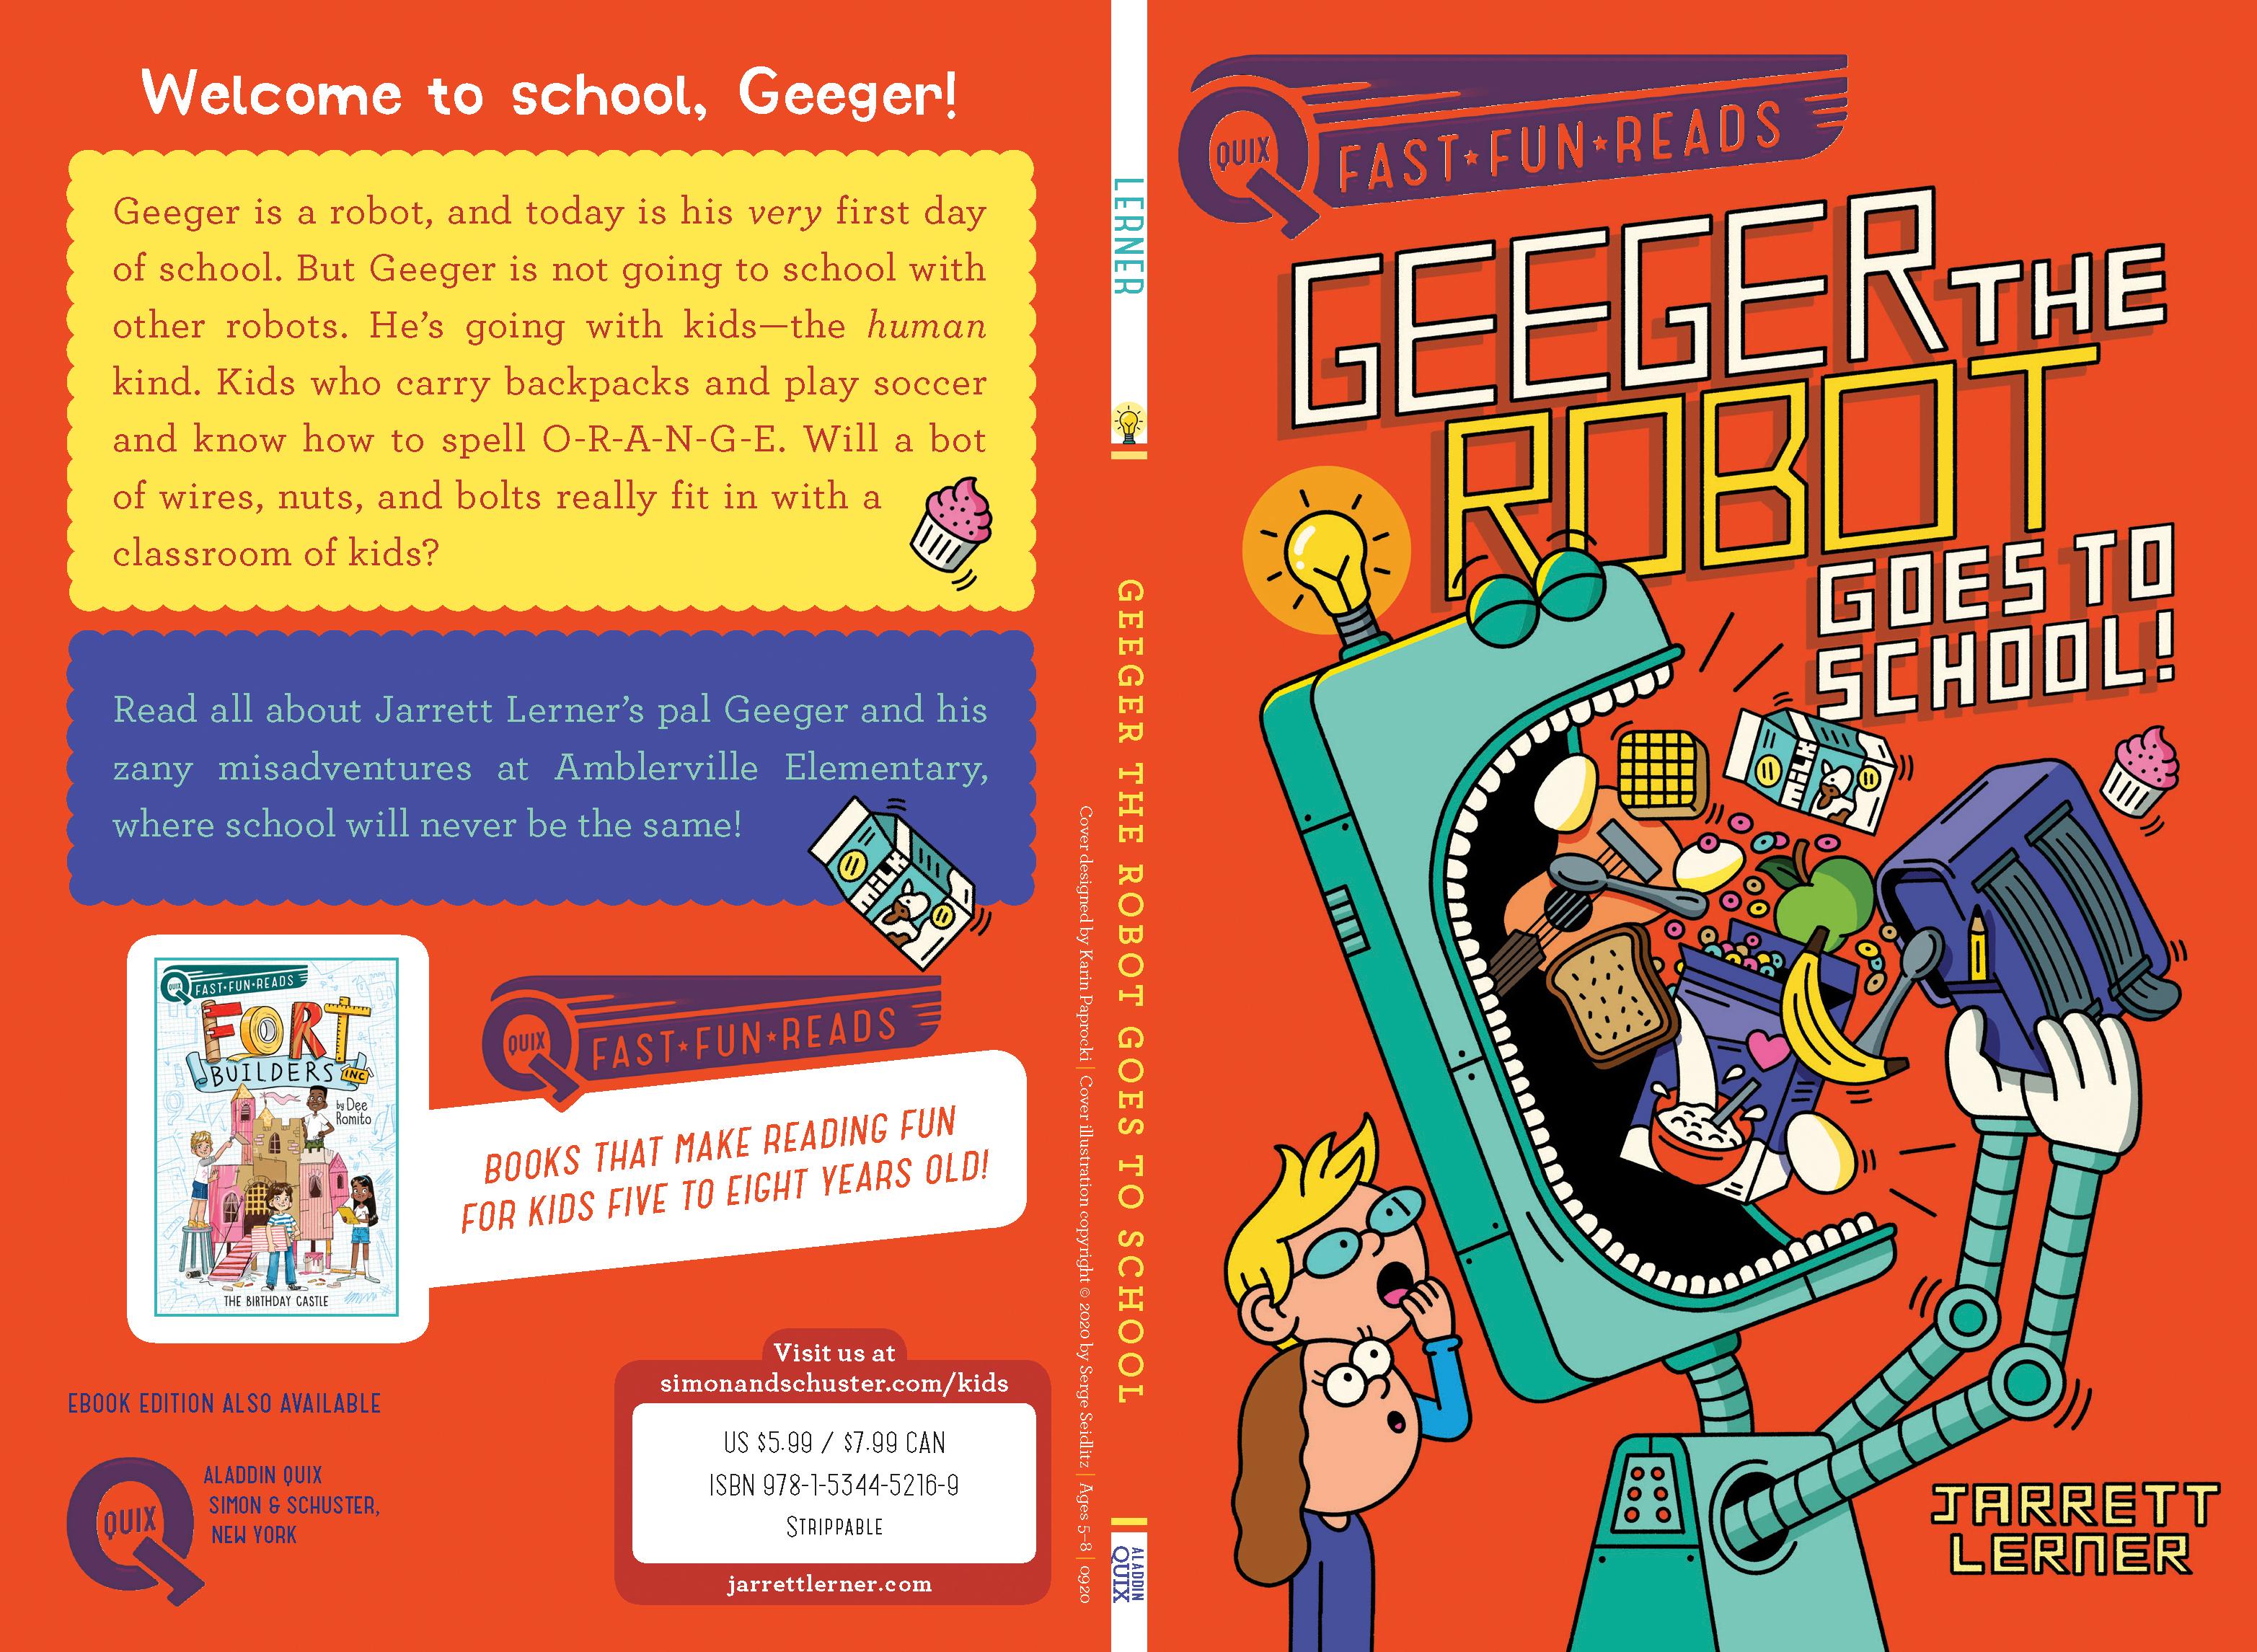 Geeger the Robot_LERNER.jpg